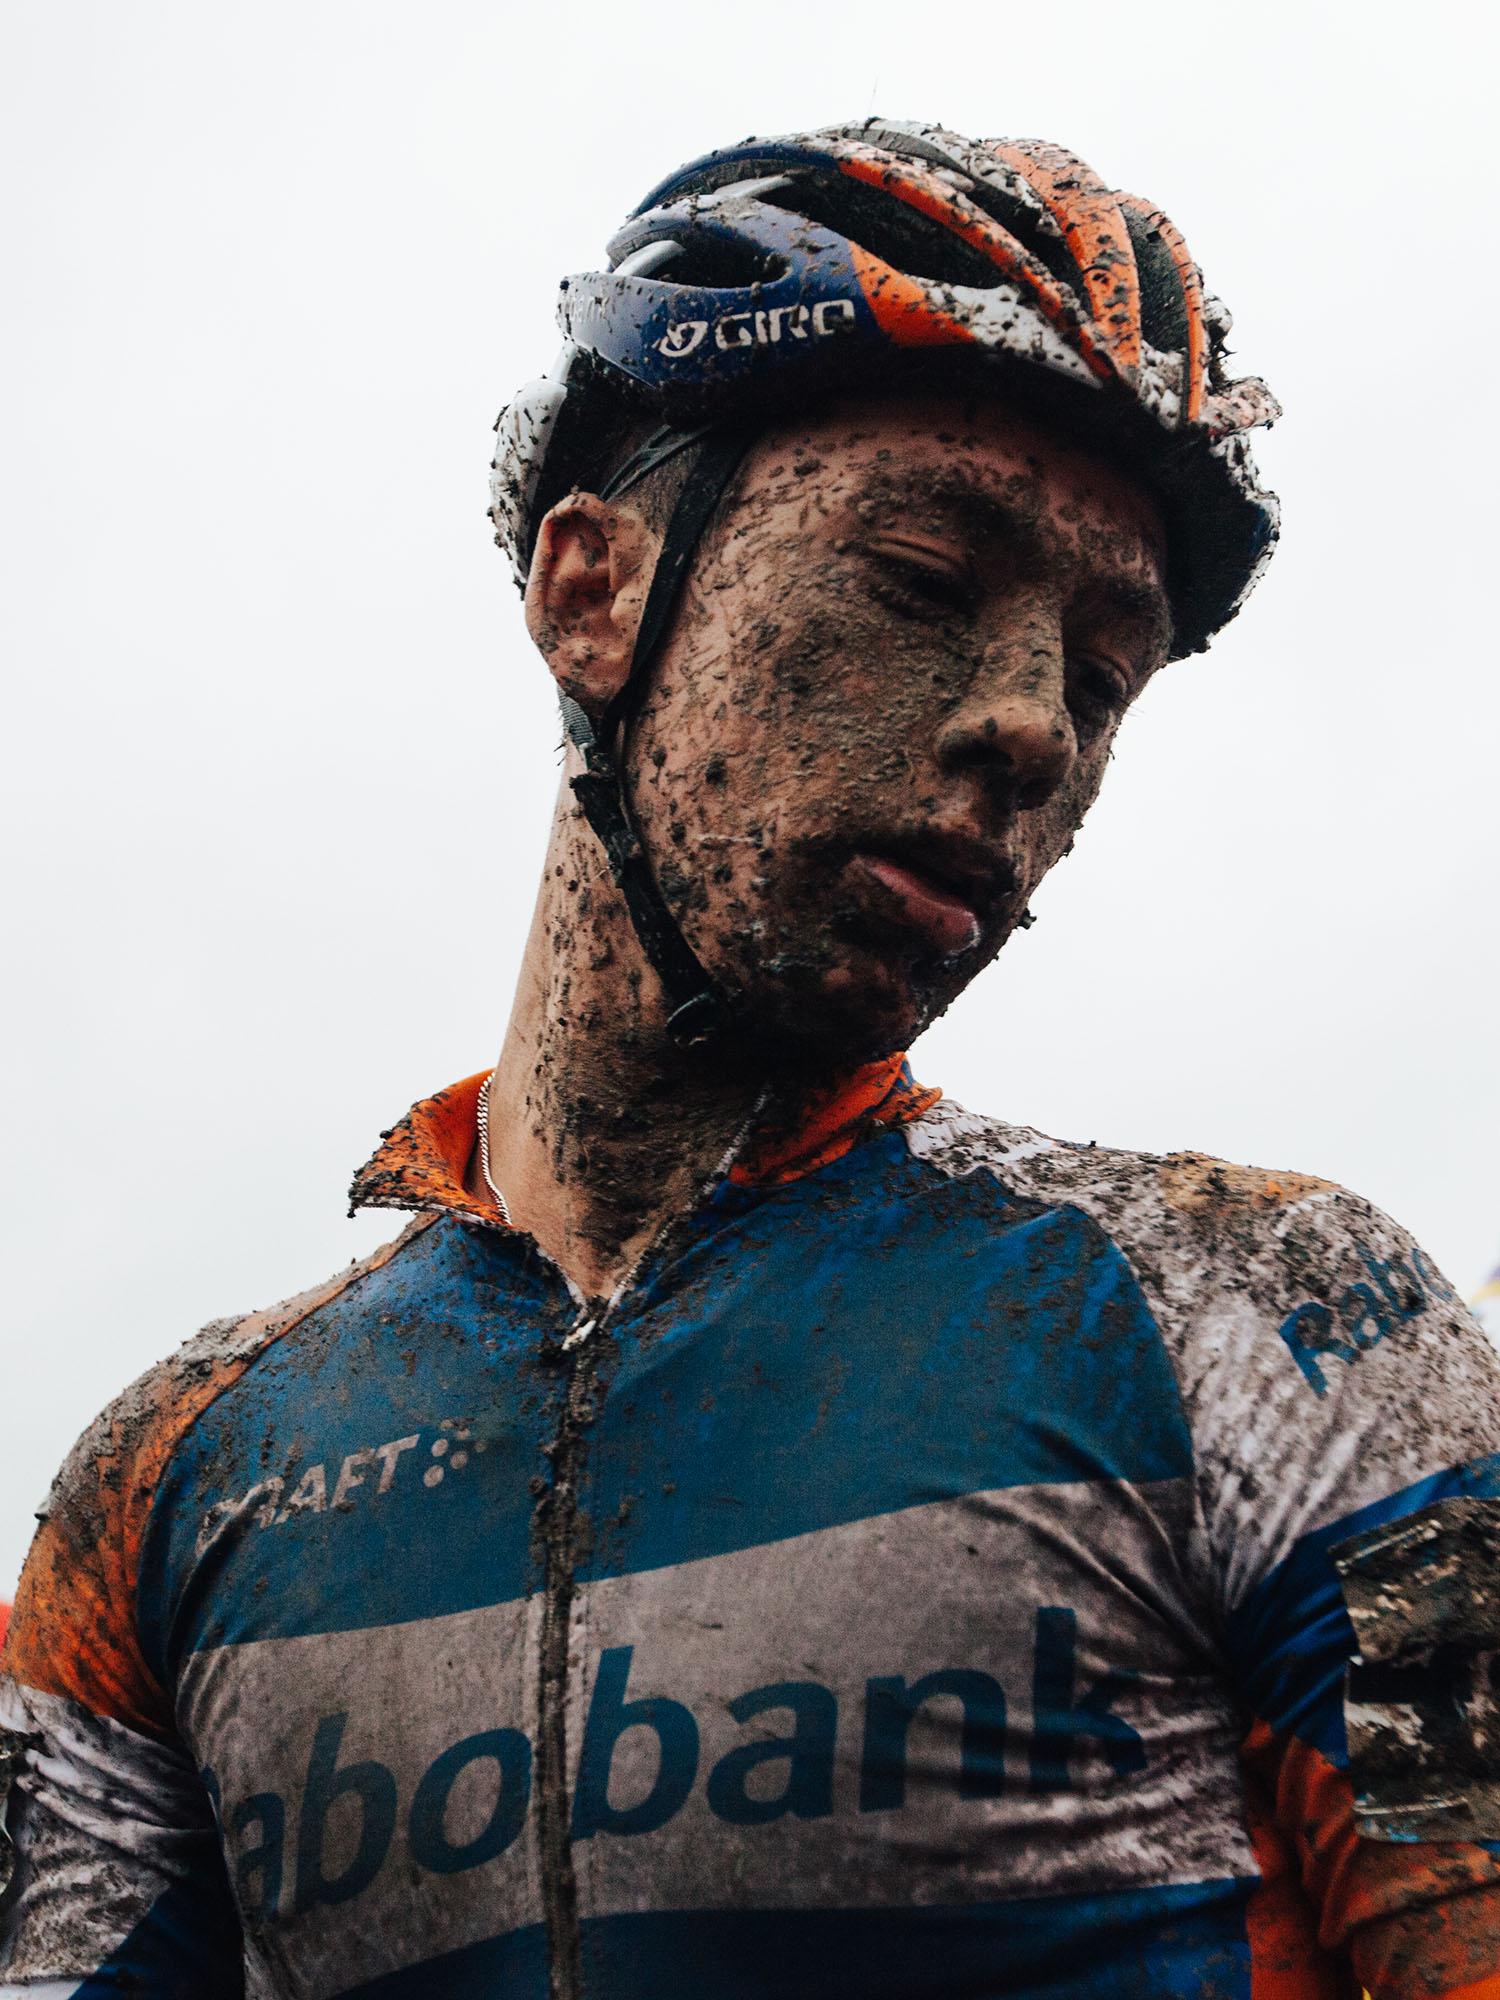 2012_Cyclocross-1 v2.jpg